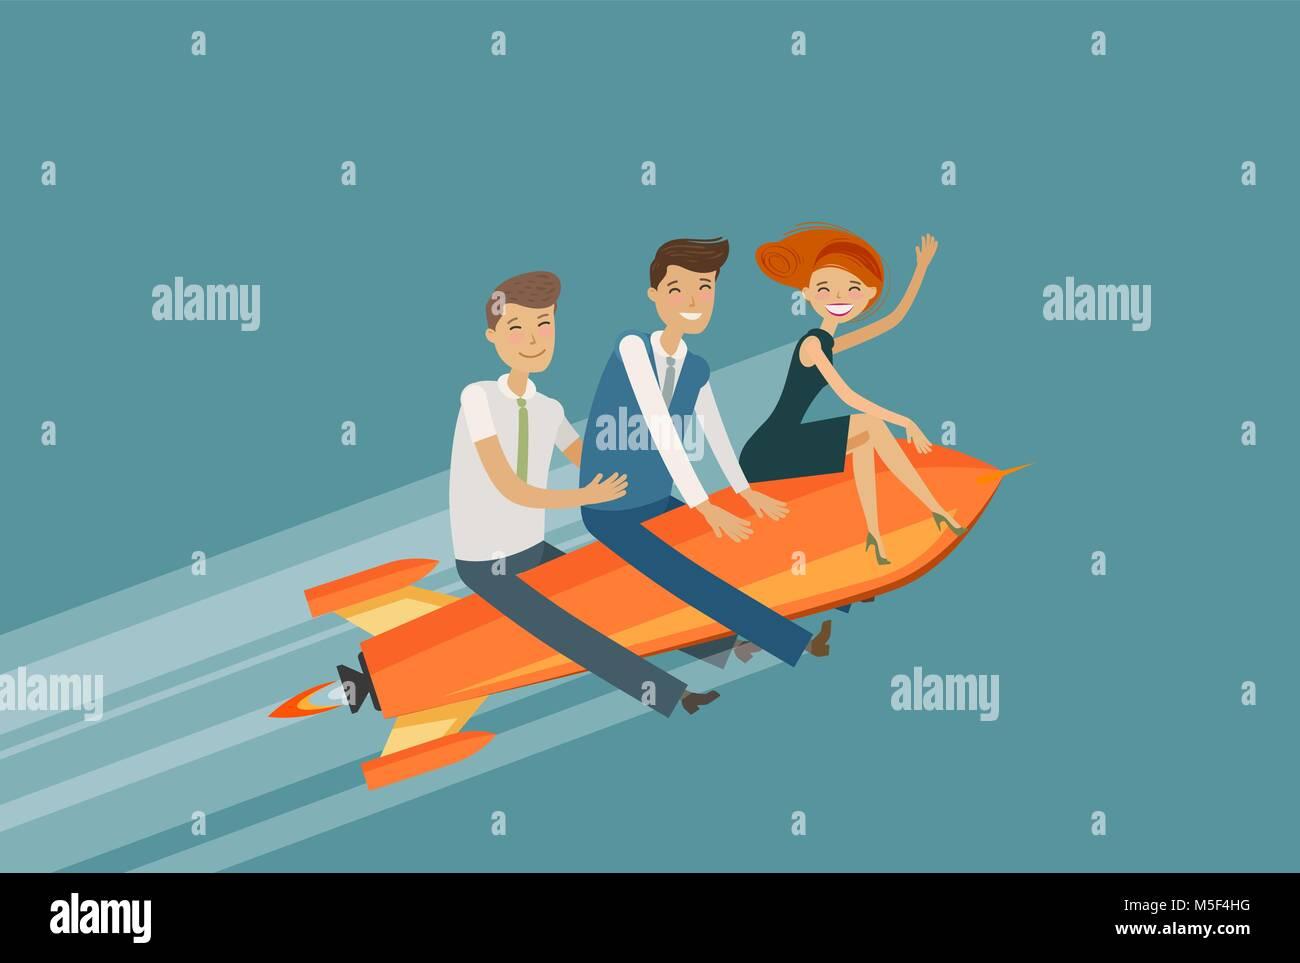 Il lavoro di squadra, la concezione di business. Il successo, Realizzazione, sviluppo illustrazione vettoriale Illustrazione Vettoriale